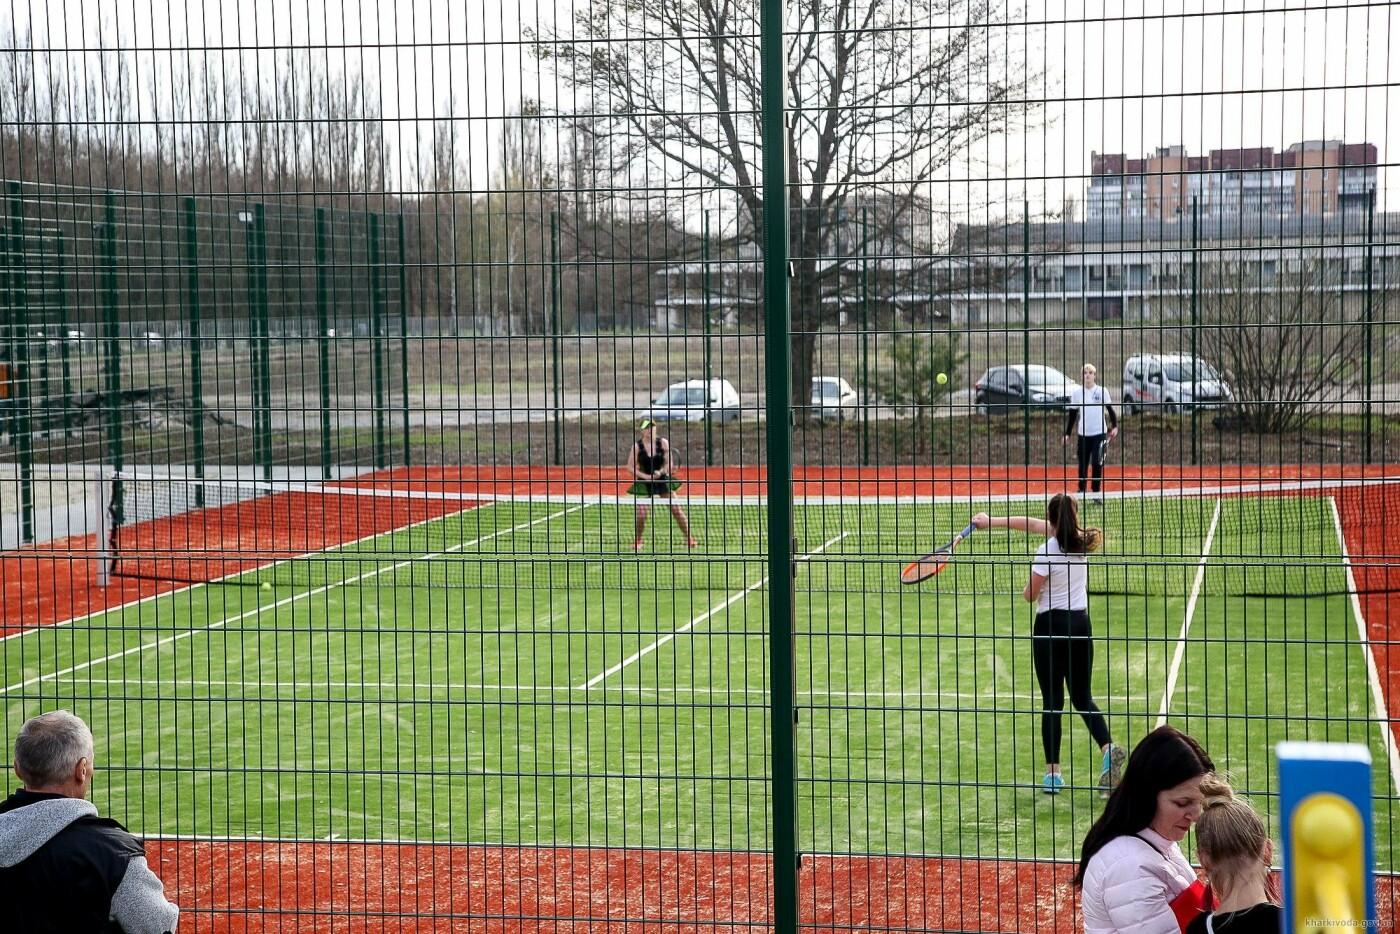 В Пятихатках открыли футбольное поле с искусственным покрытием, теннисный корт и воркаут, фото-3